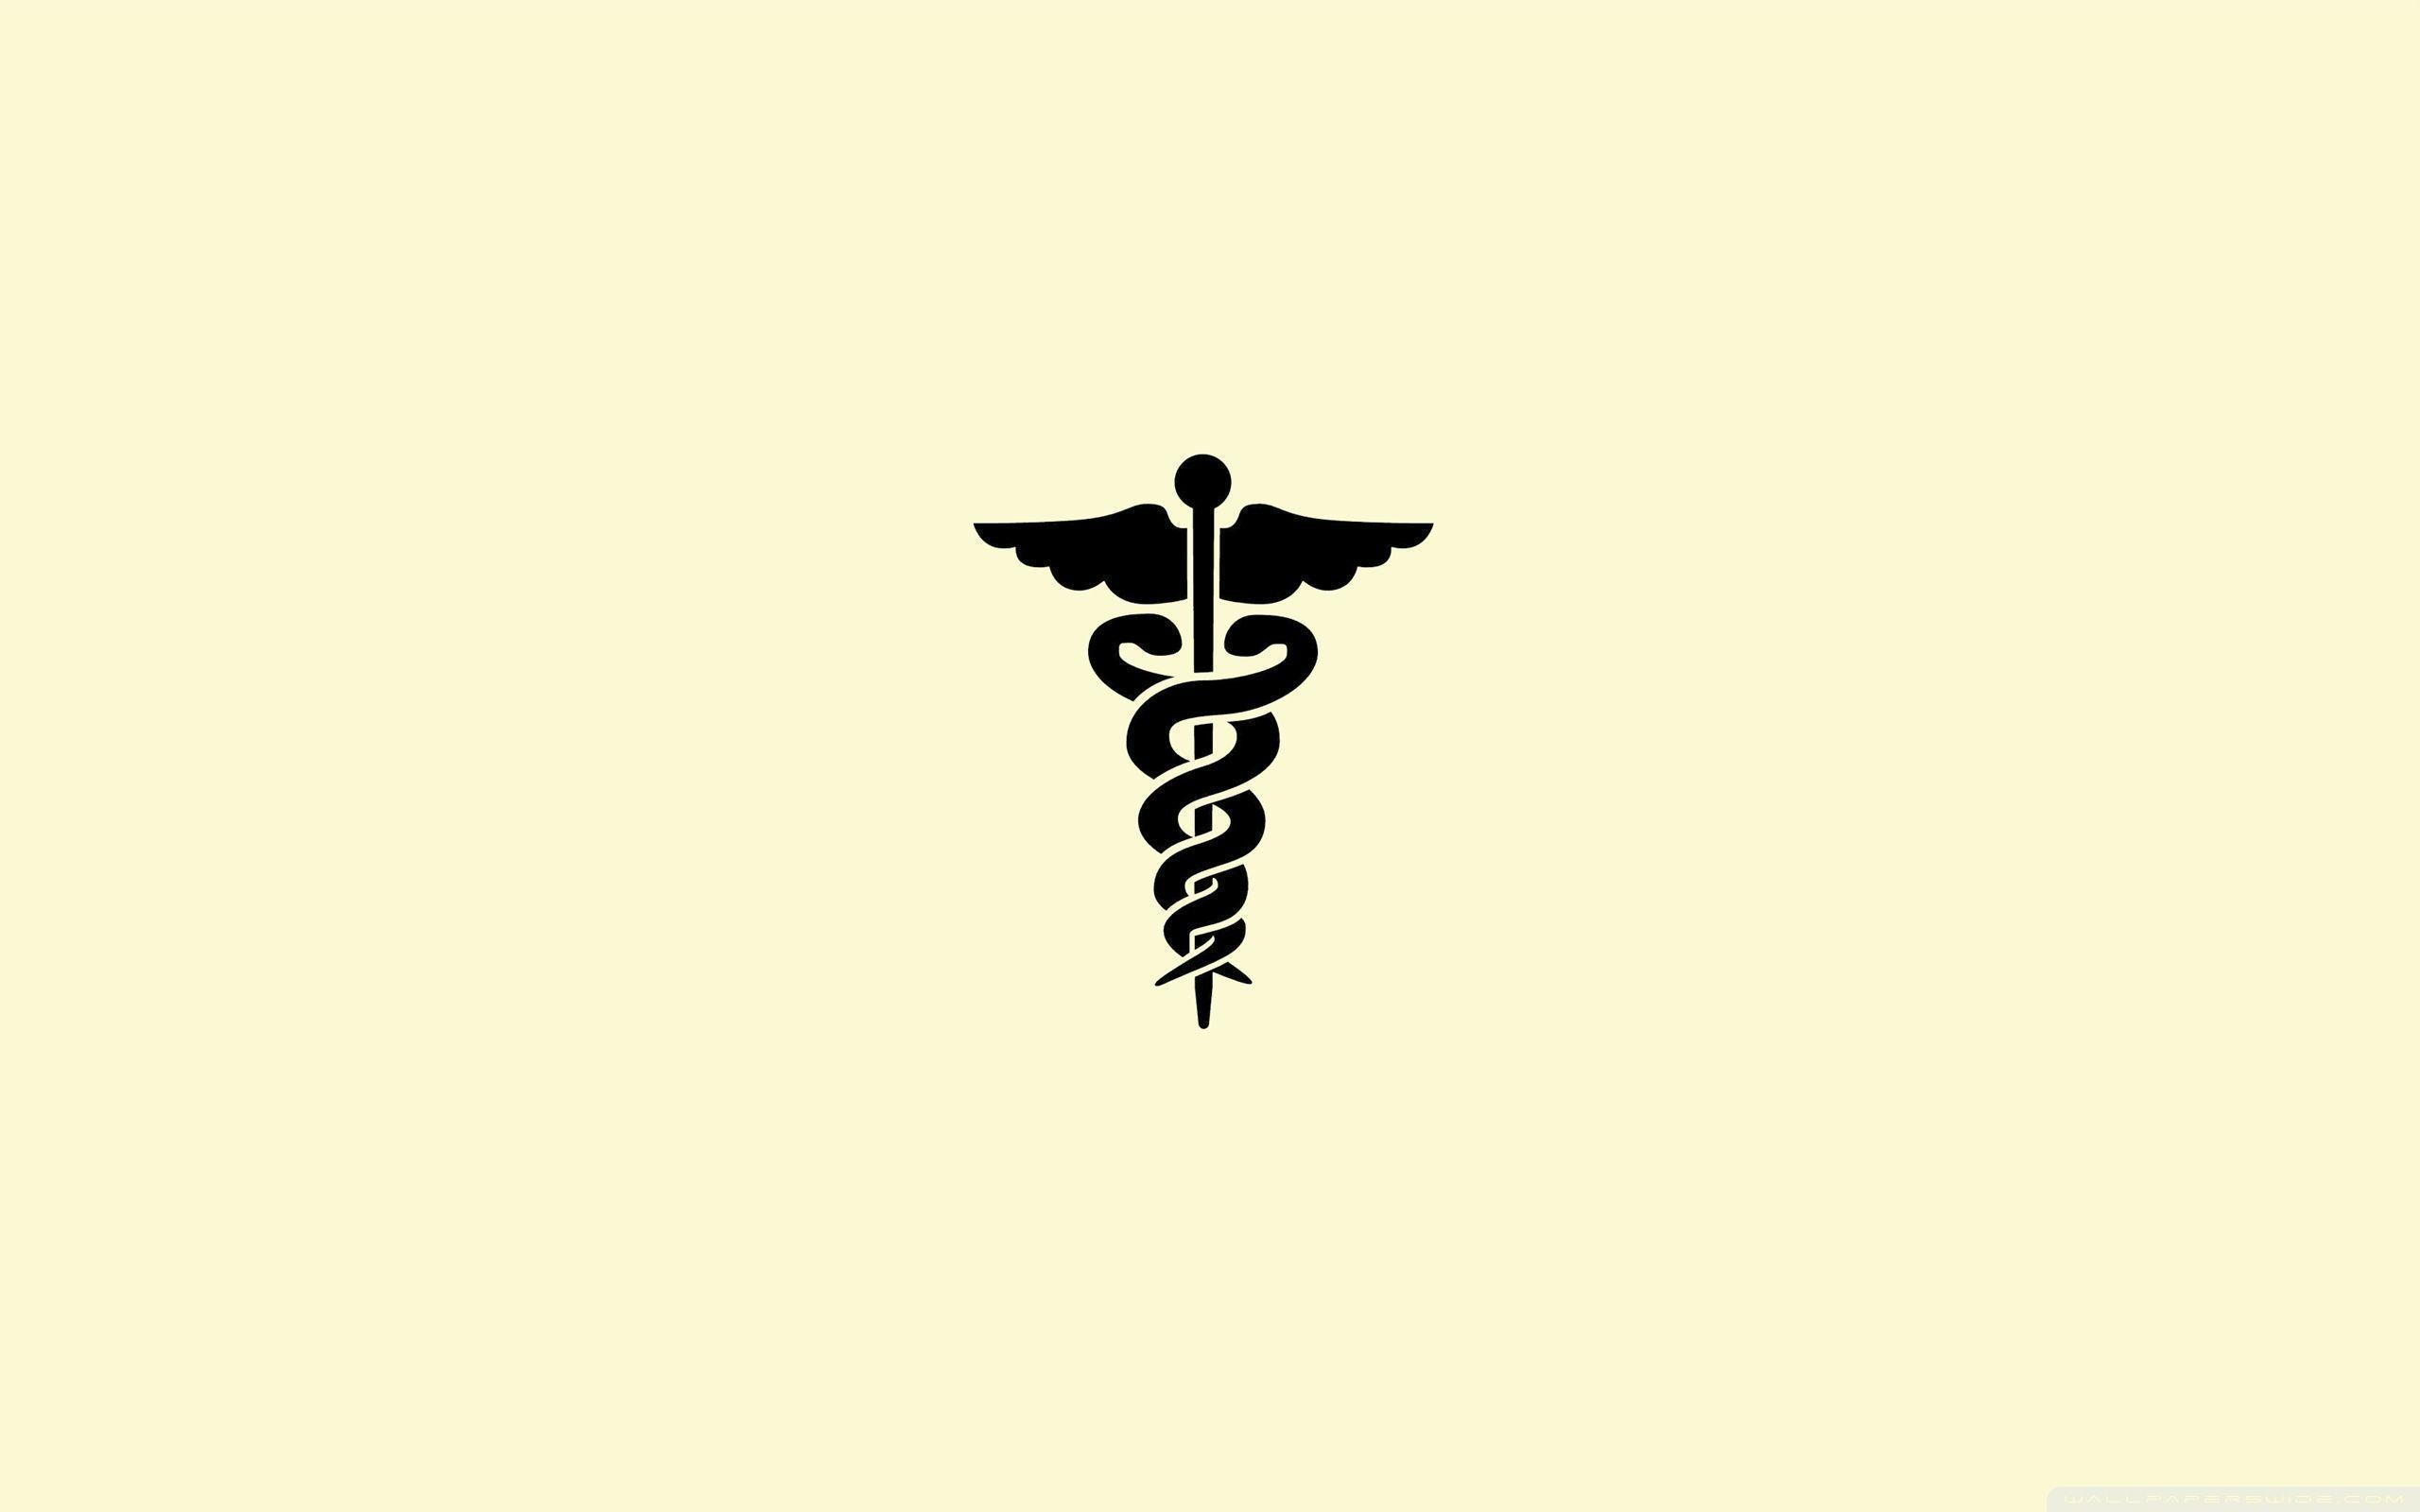 HD Medical Wallpaper - WallpaperSafari